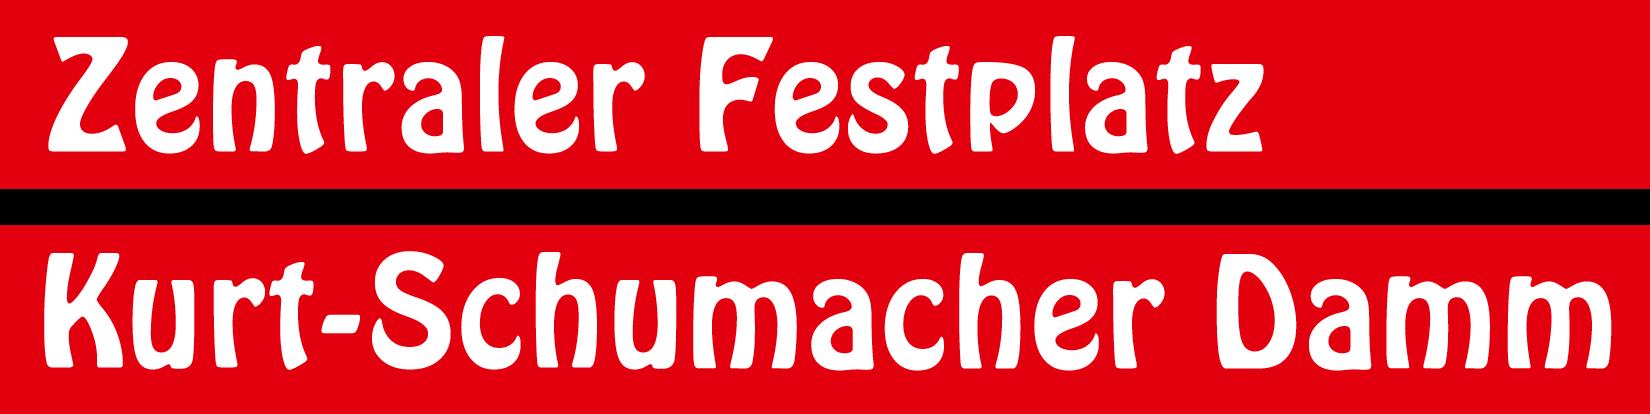 Zentraler Festplatz am Kurt Schumacher Damm